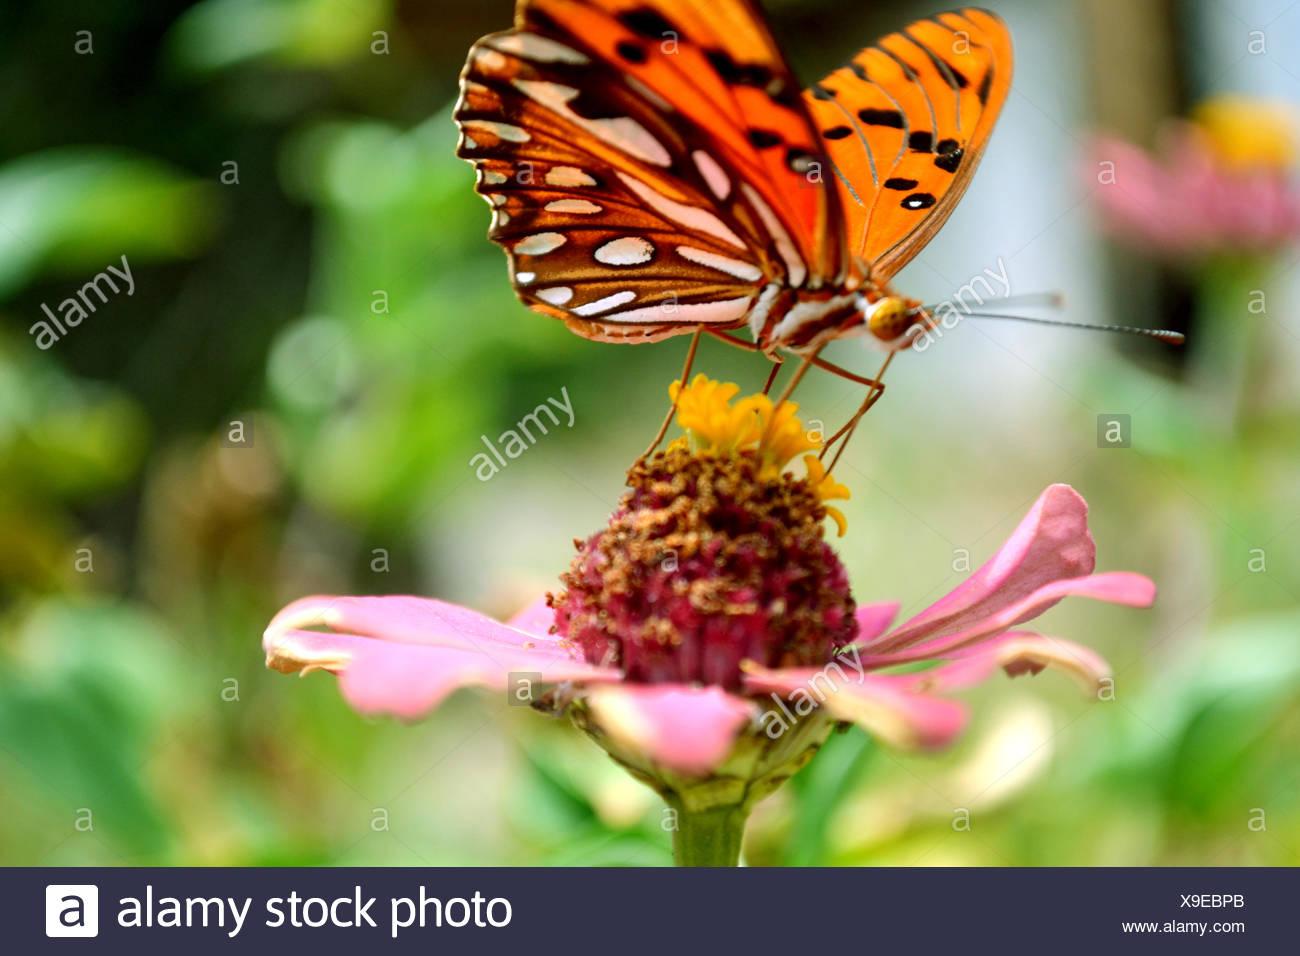 Butterfly On Flowerhead - Stock Image